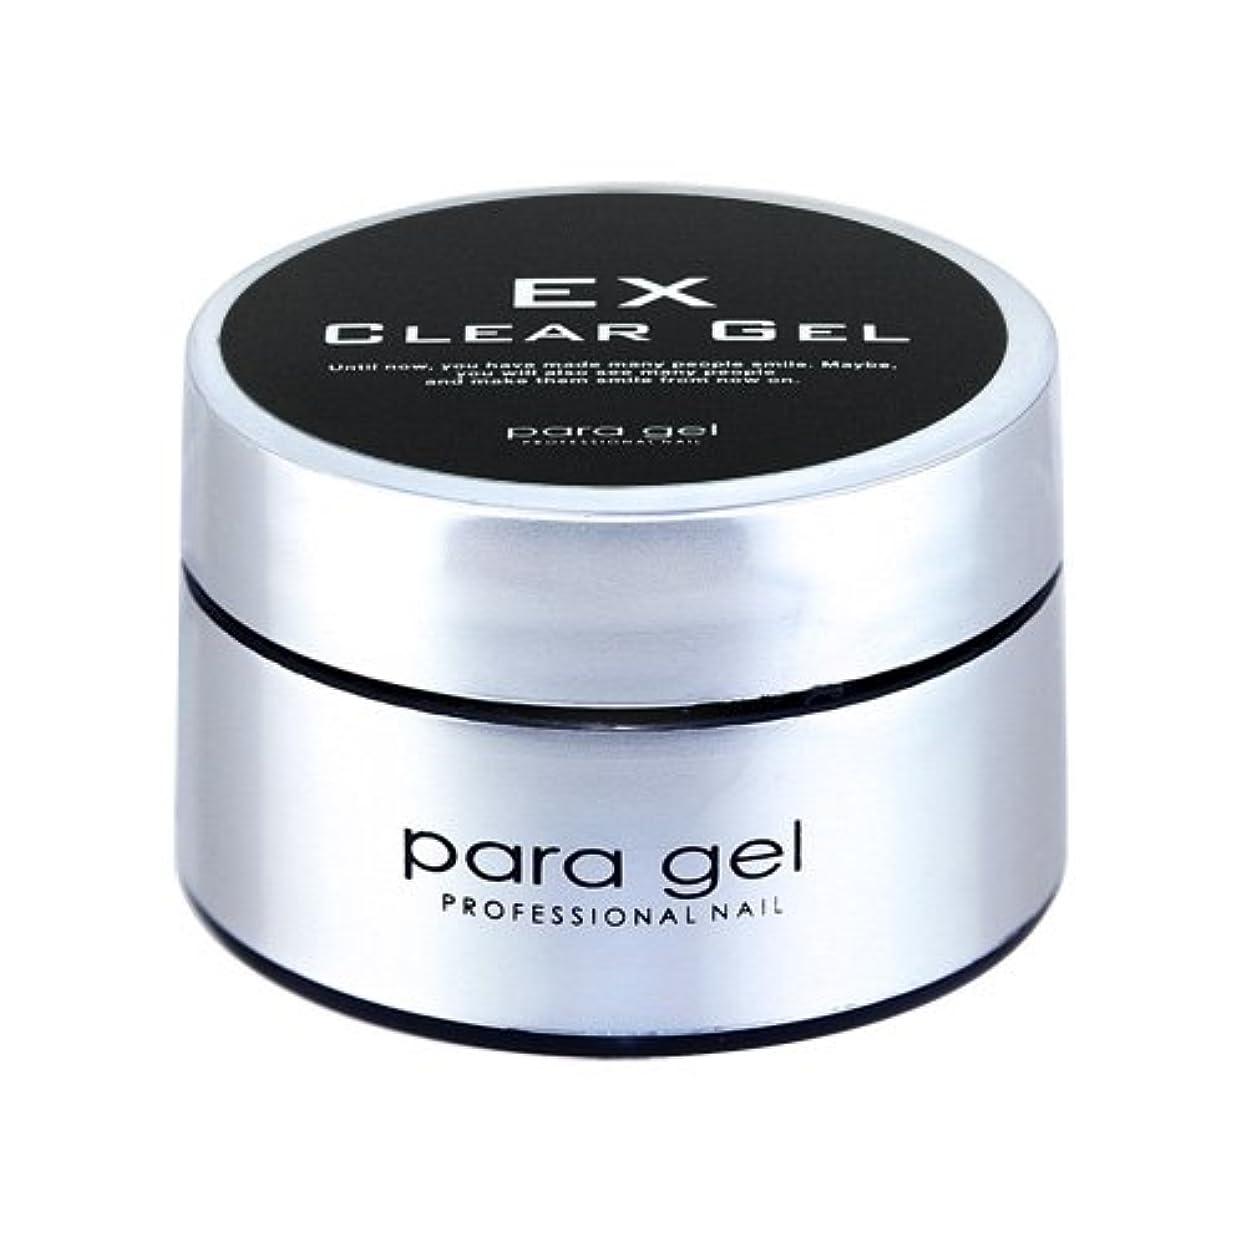 洪水嫌がる連想パラジェル(para gel) クリアジェルEX 4g